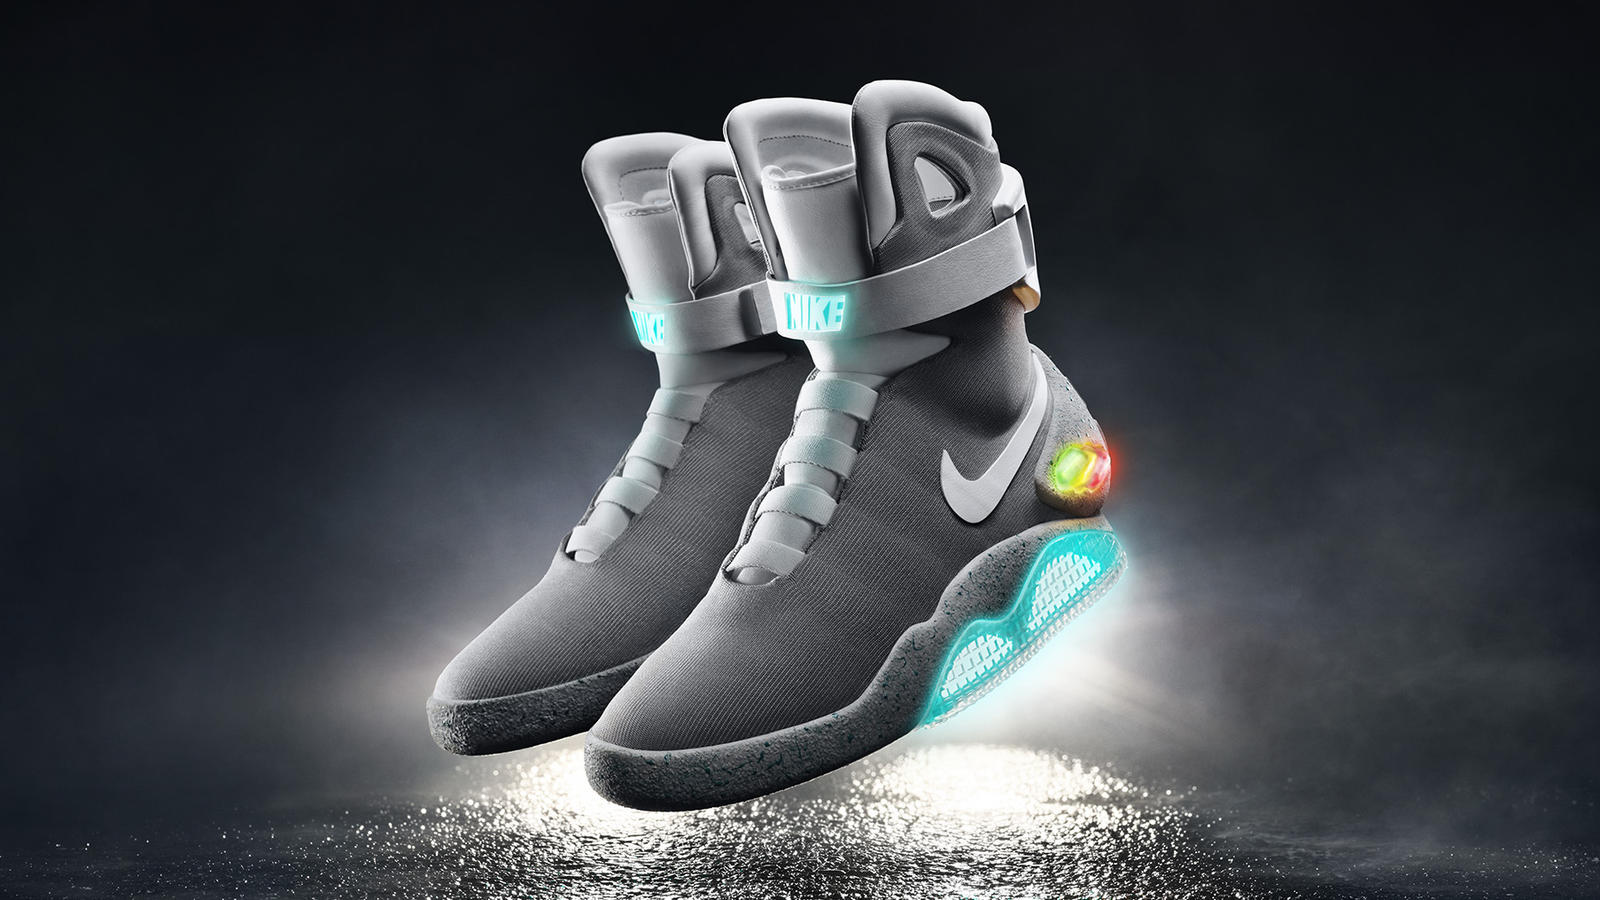 2015-Nike-Mag-02_hd_1600sa